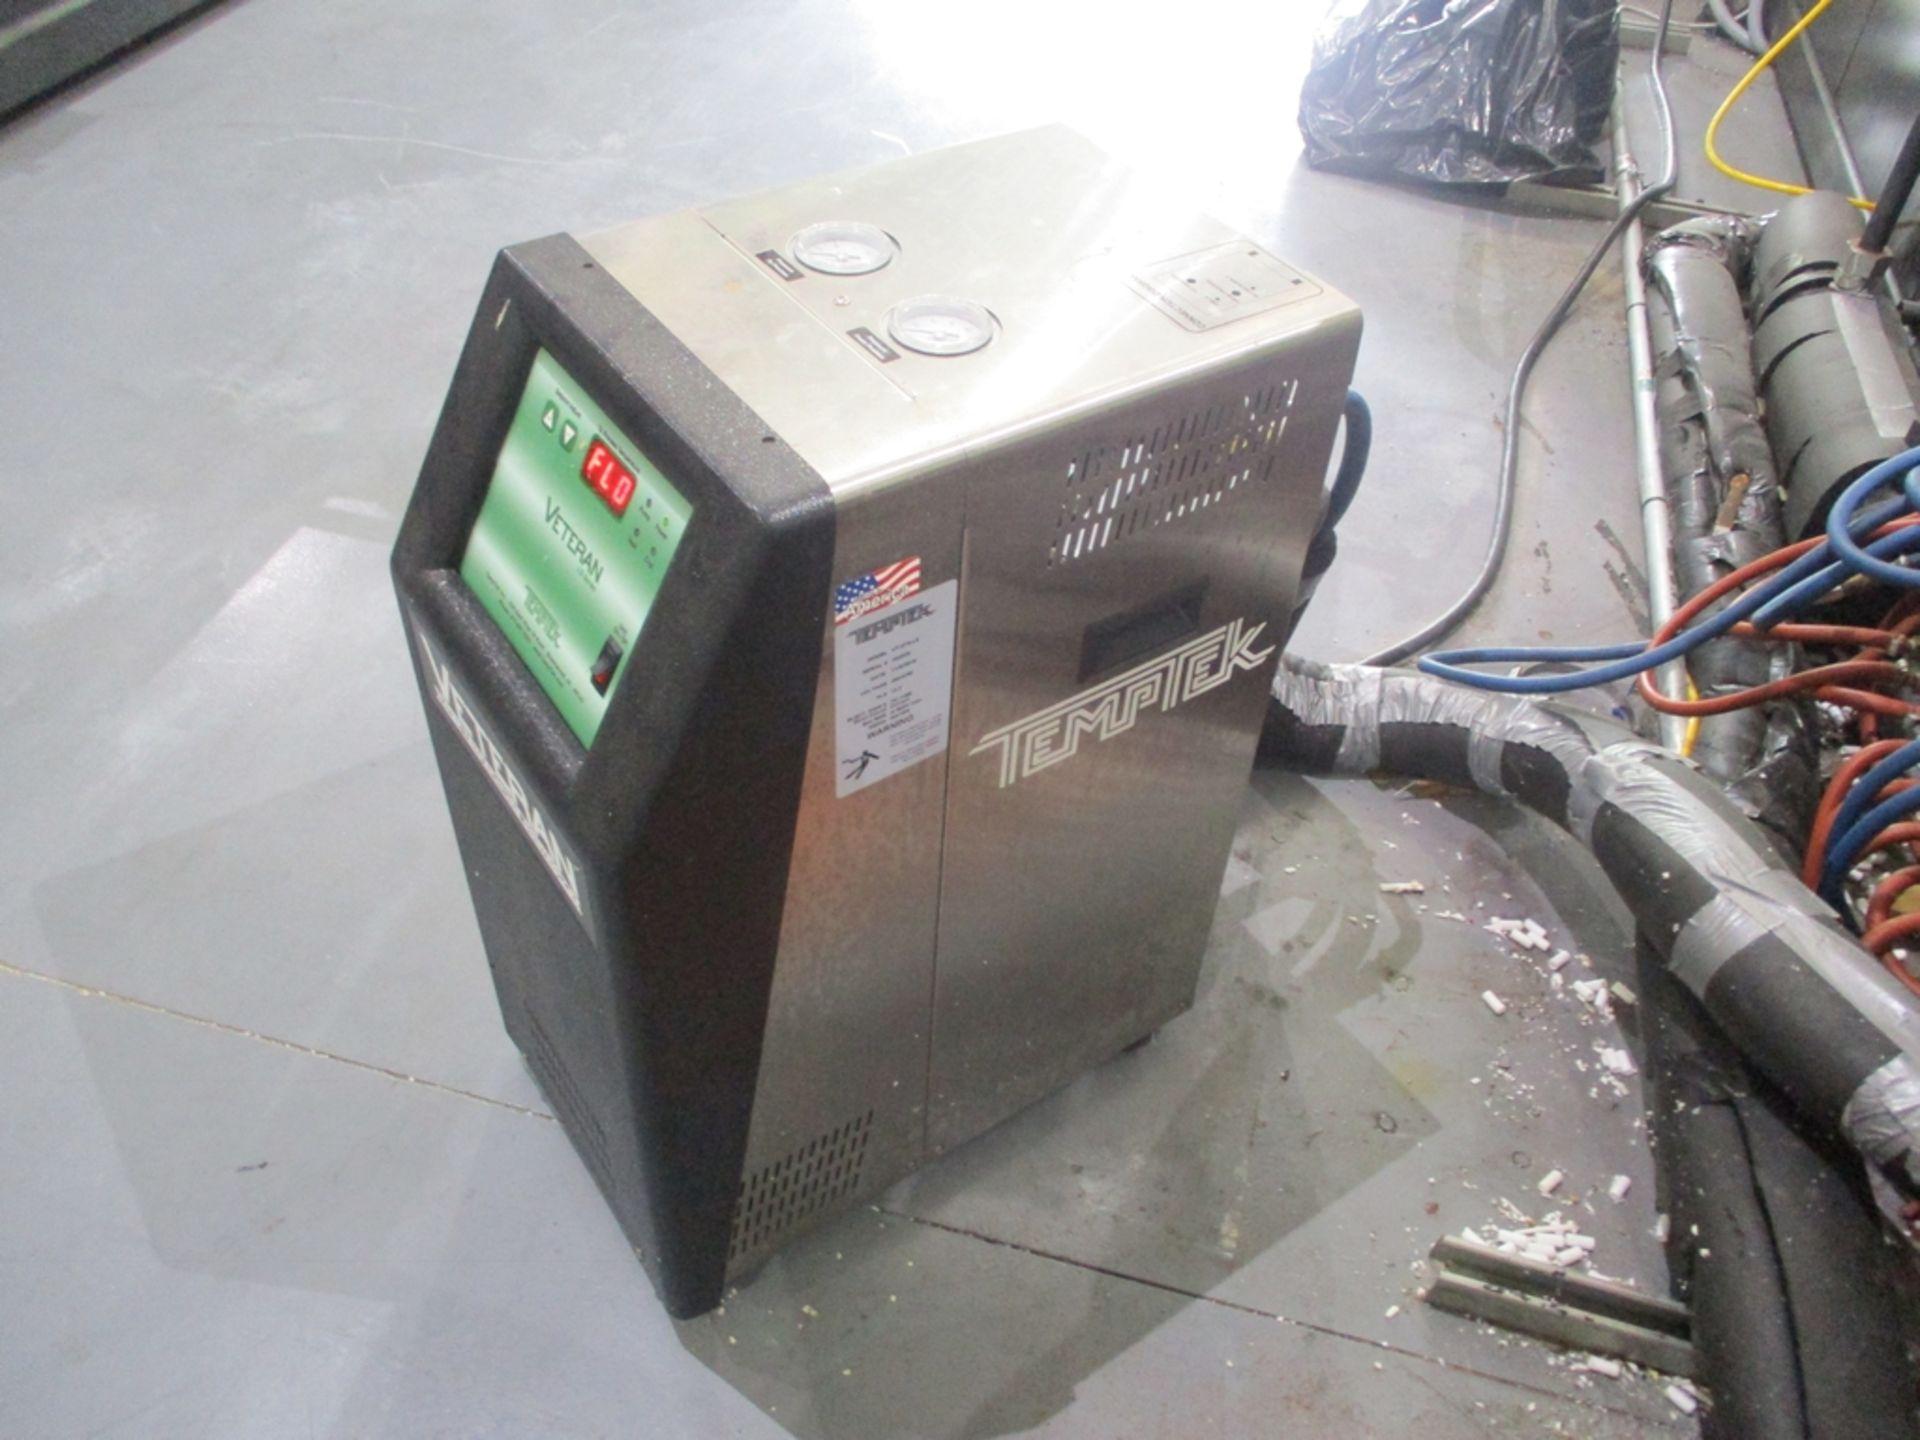 Lot 1002 - Temptek Veteran LS Series Temperature Control Unit - Model: VT-275-LS